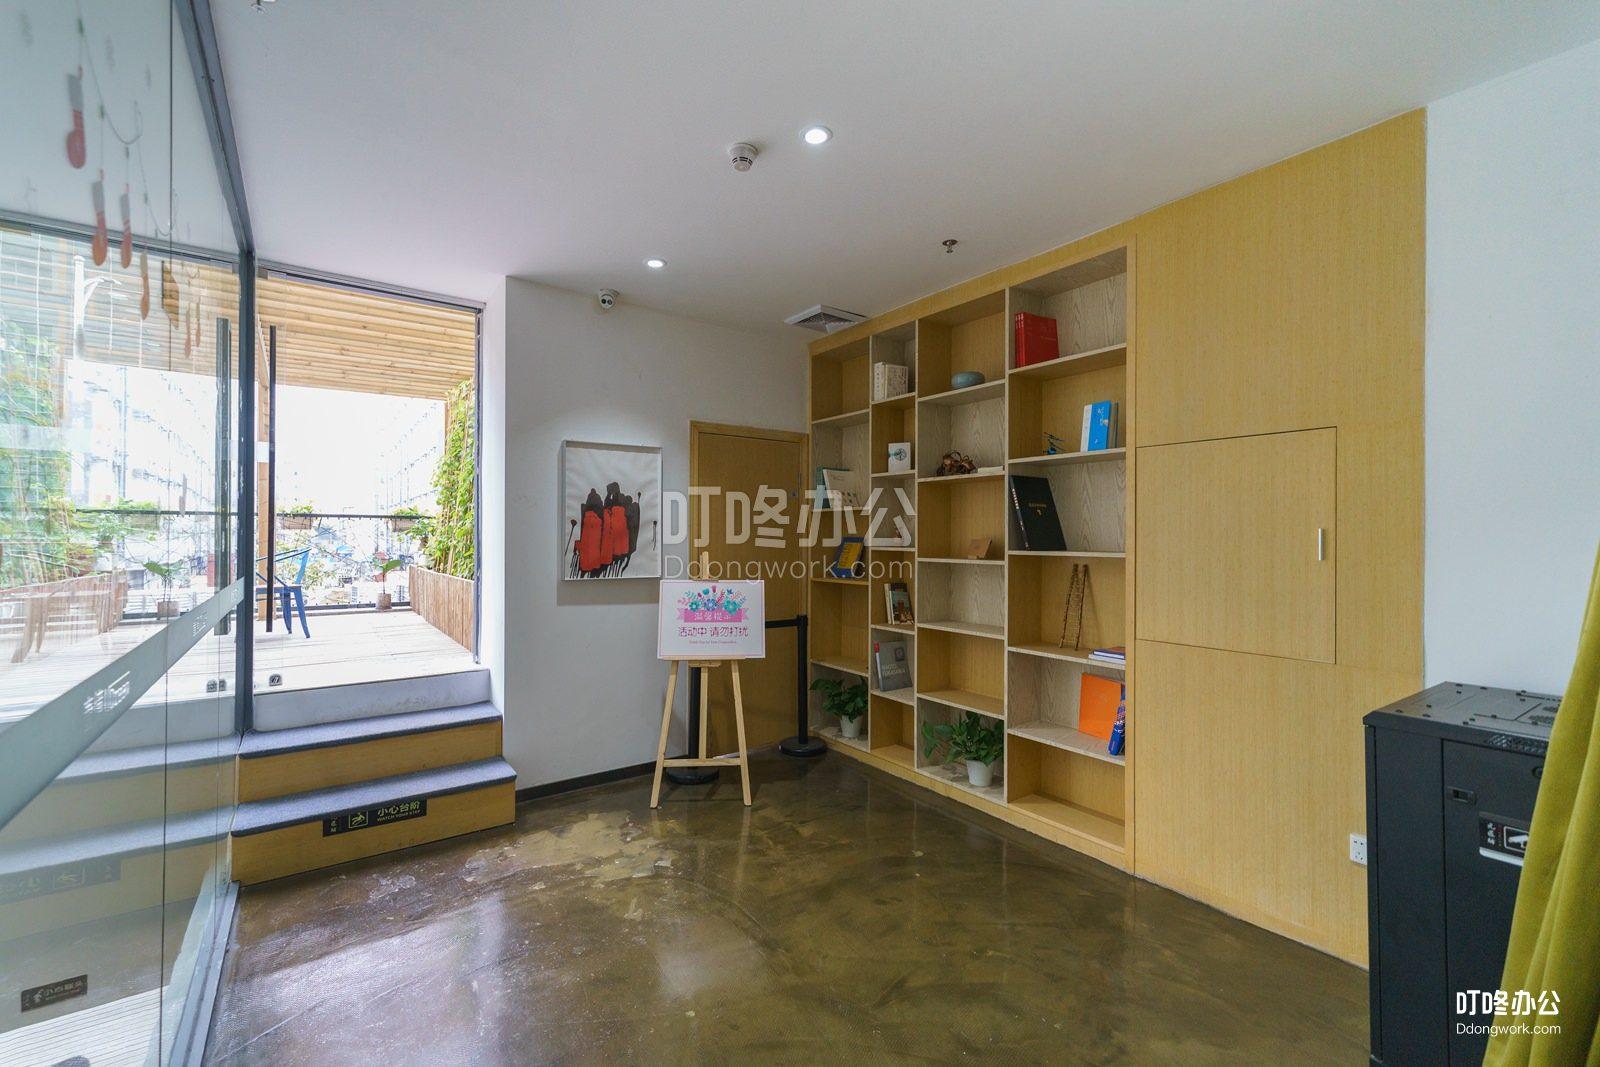 壹境文化创意办公联合空间会议室